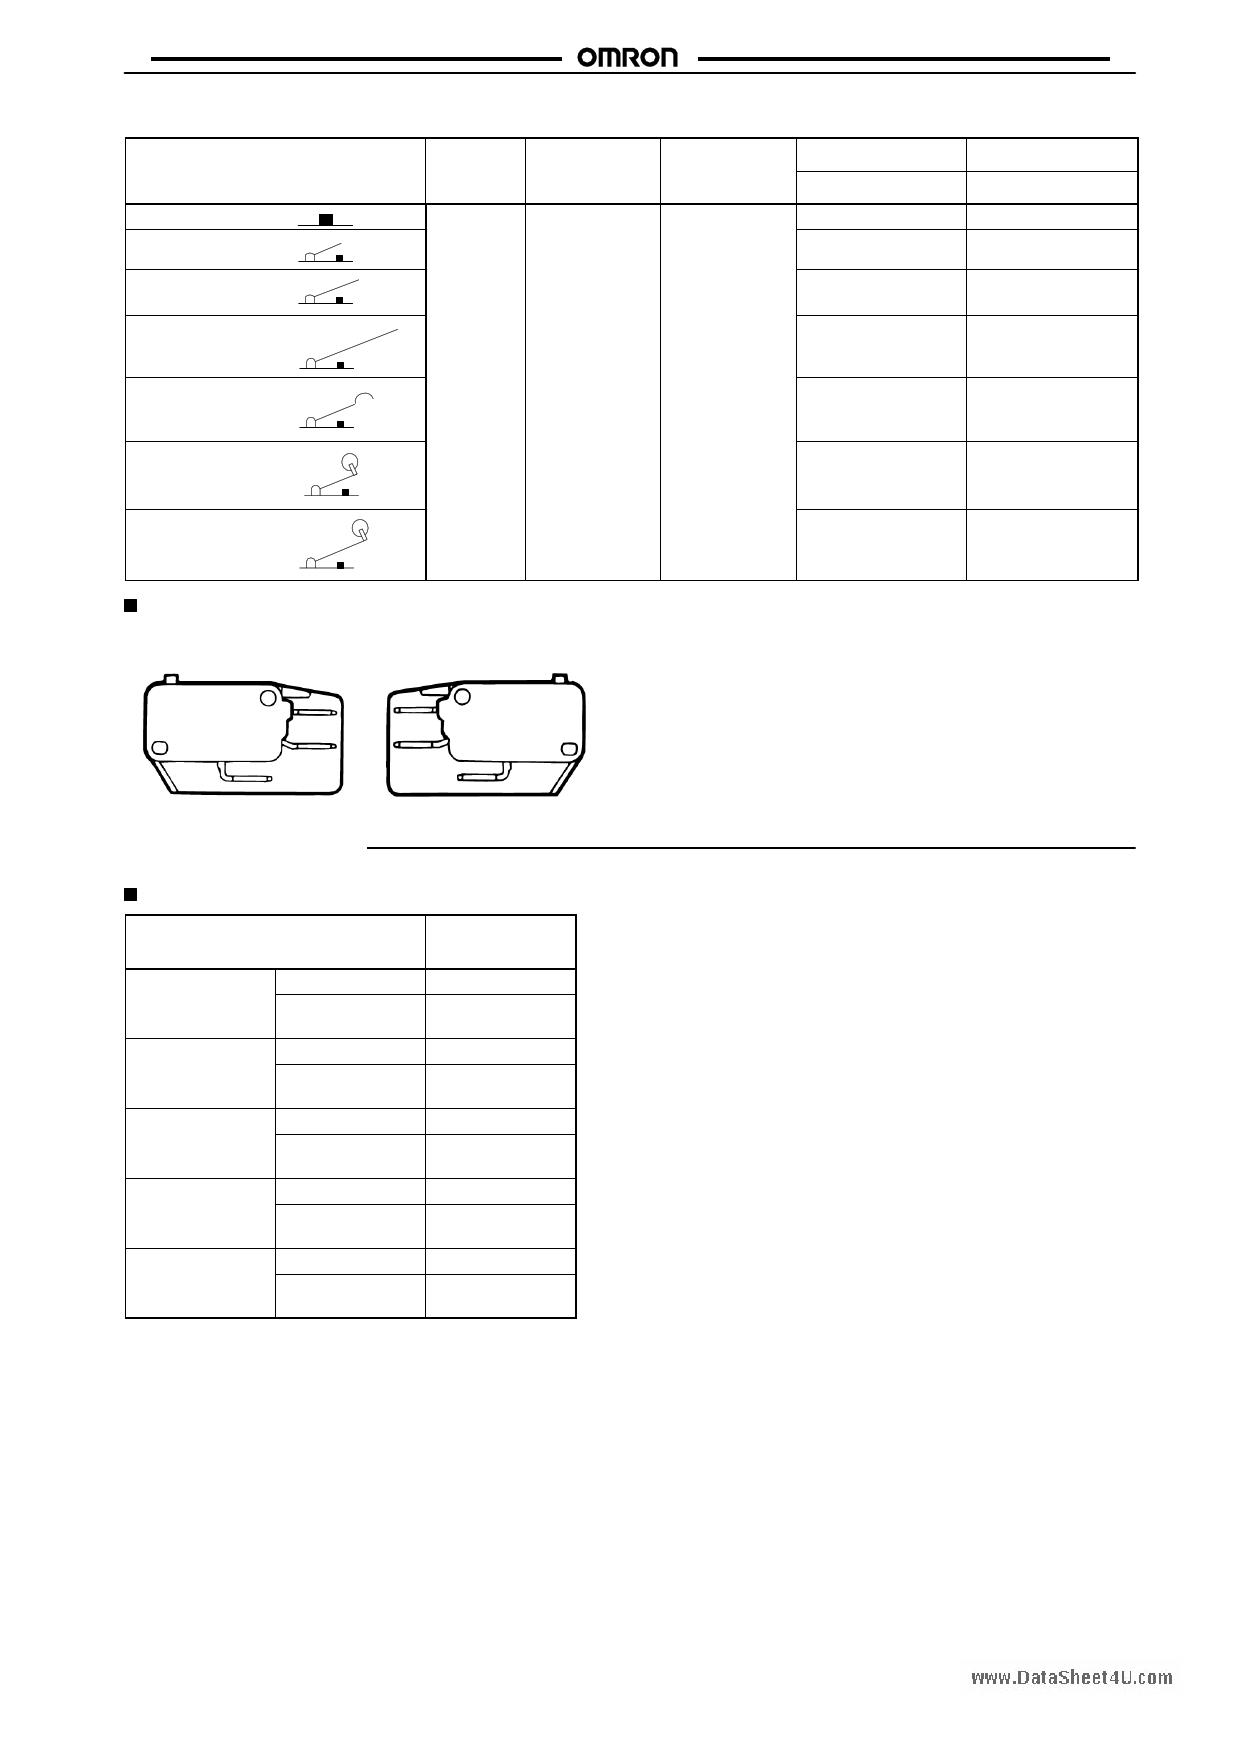 V-162-xxx Datasheet, Funktion